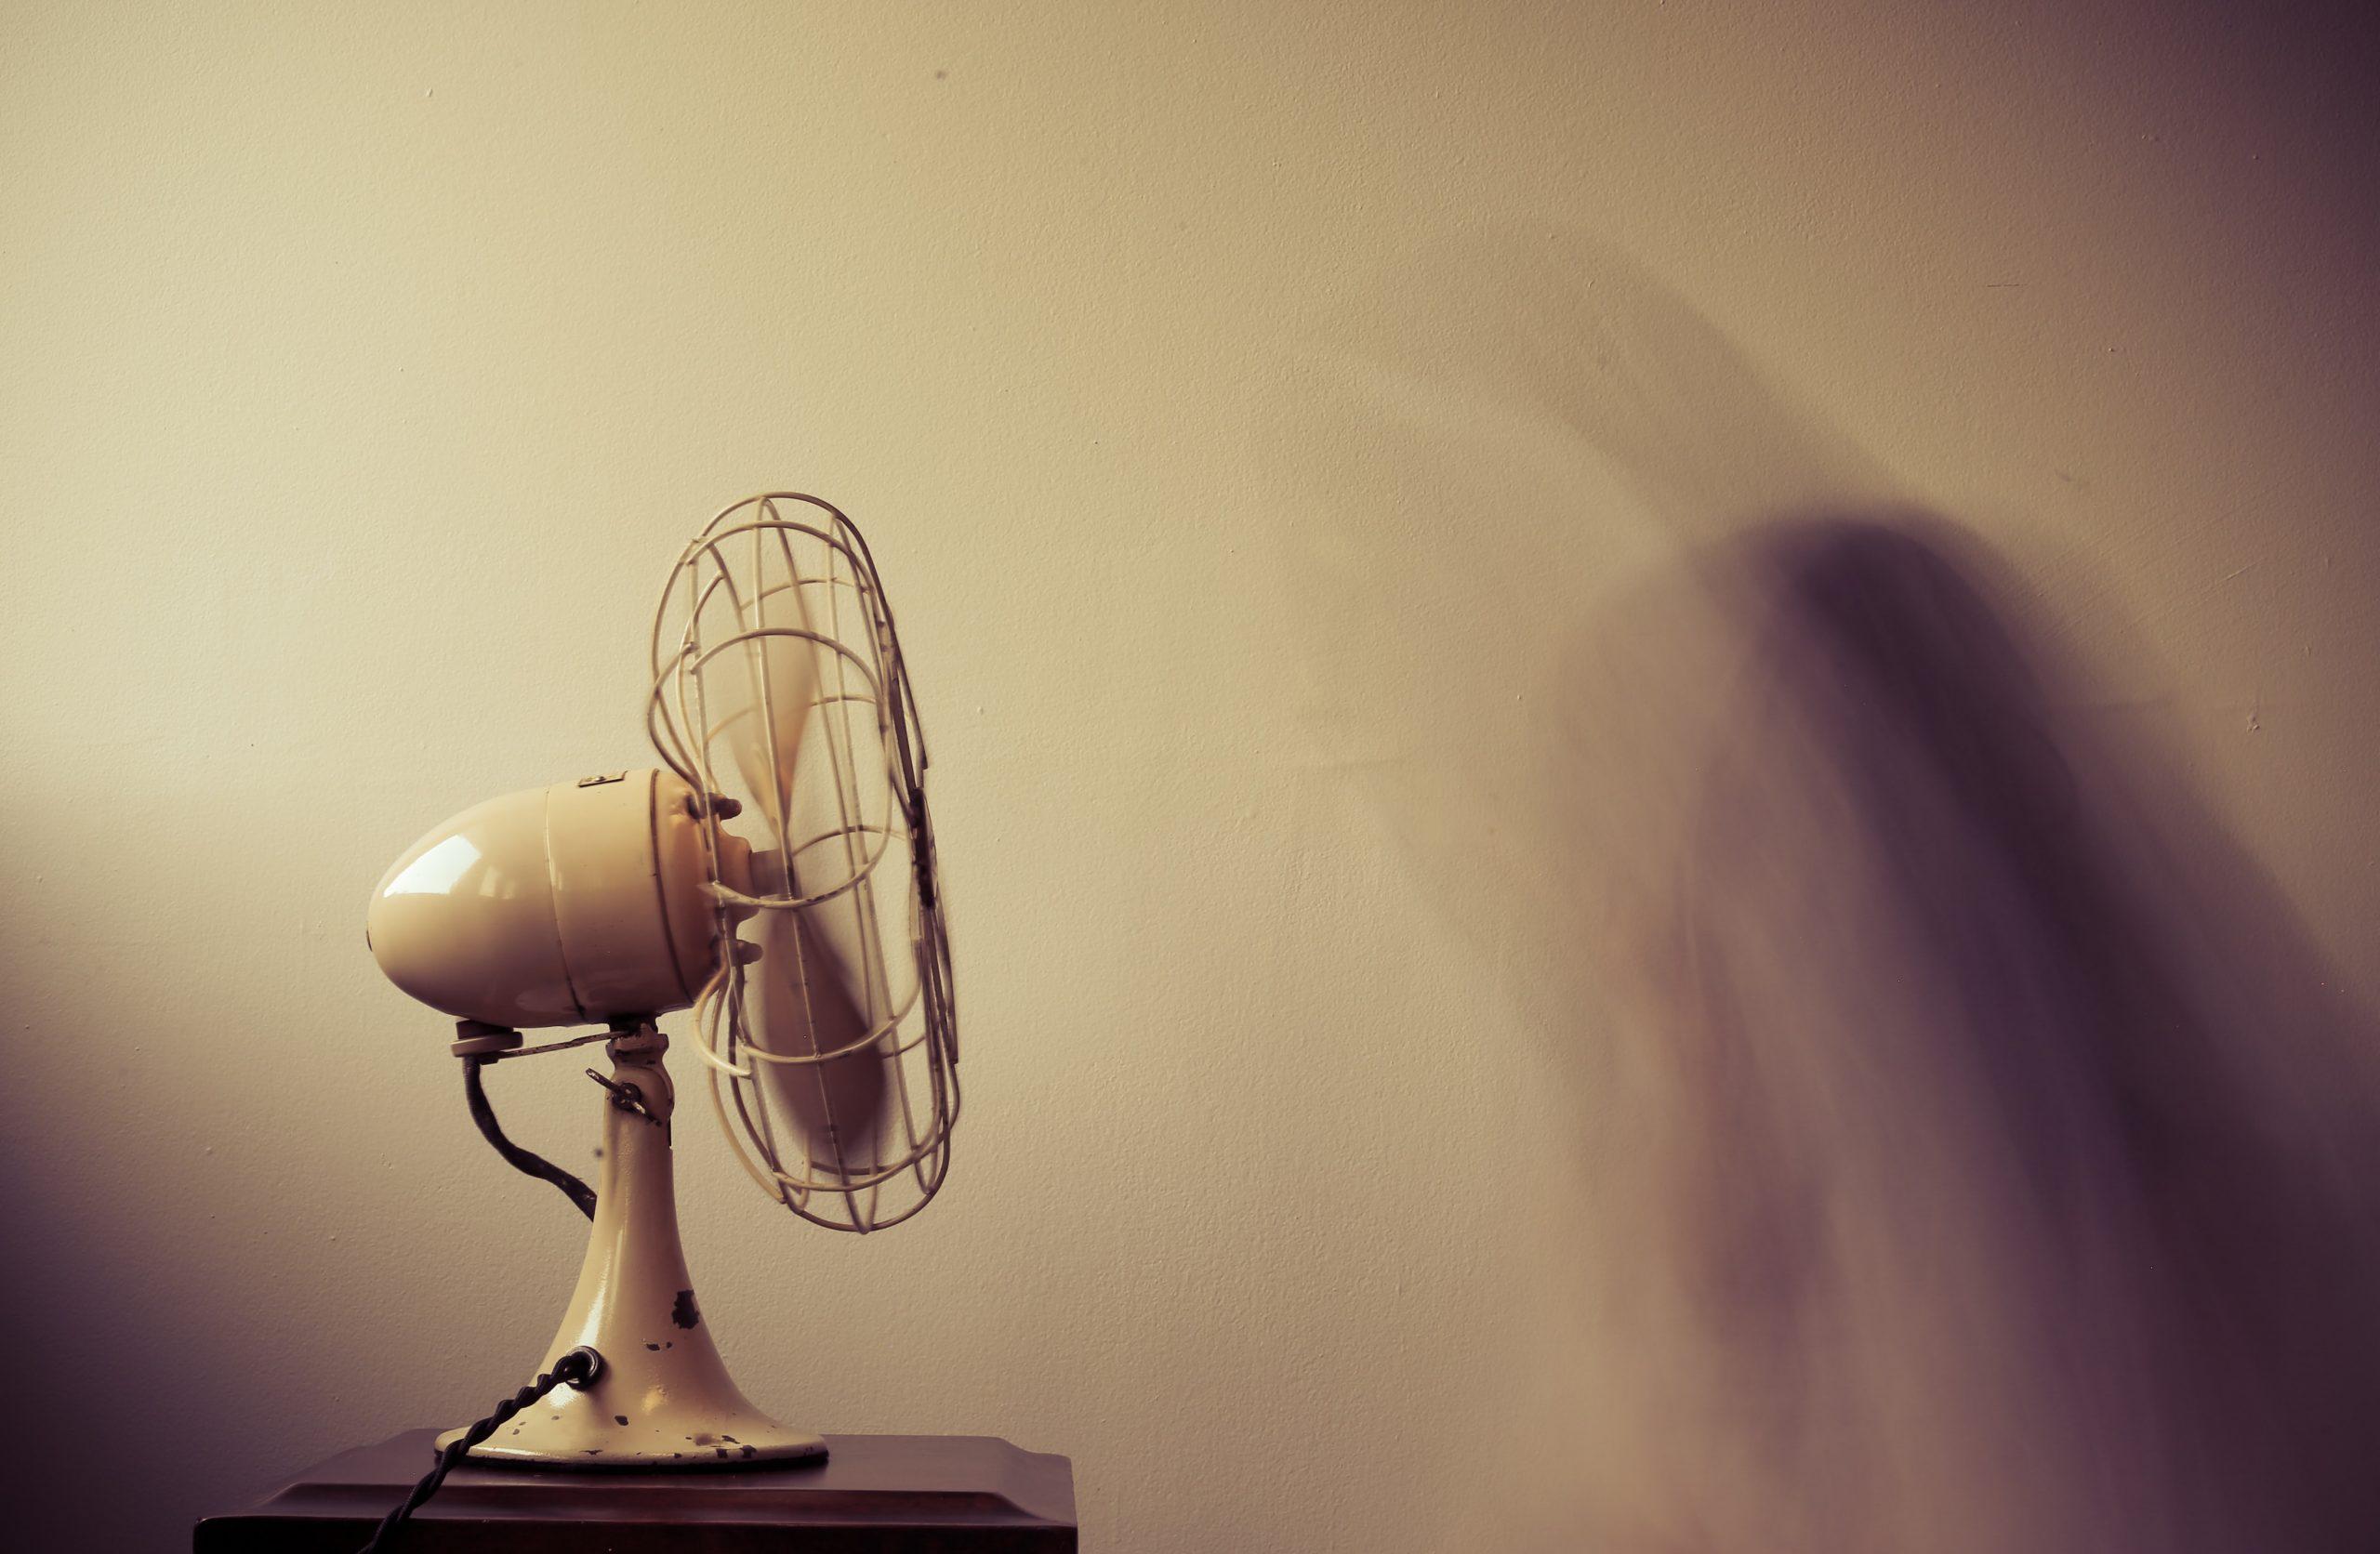 Side view of an electric fan